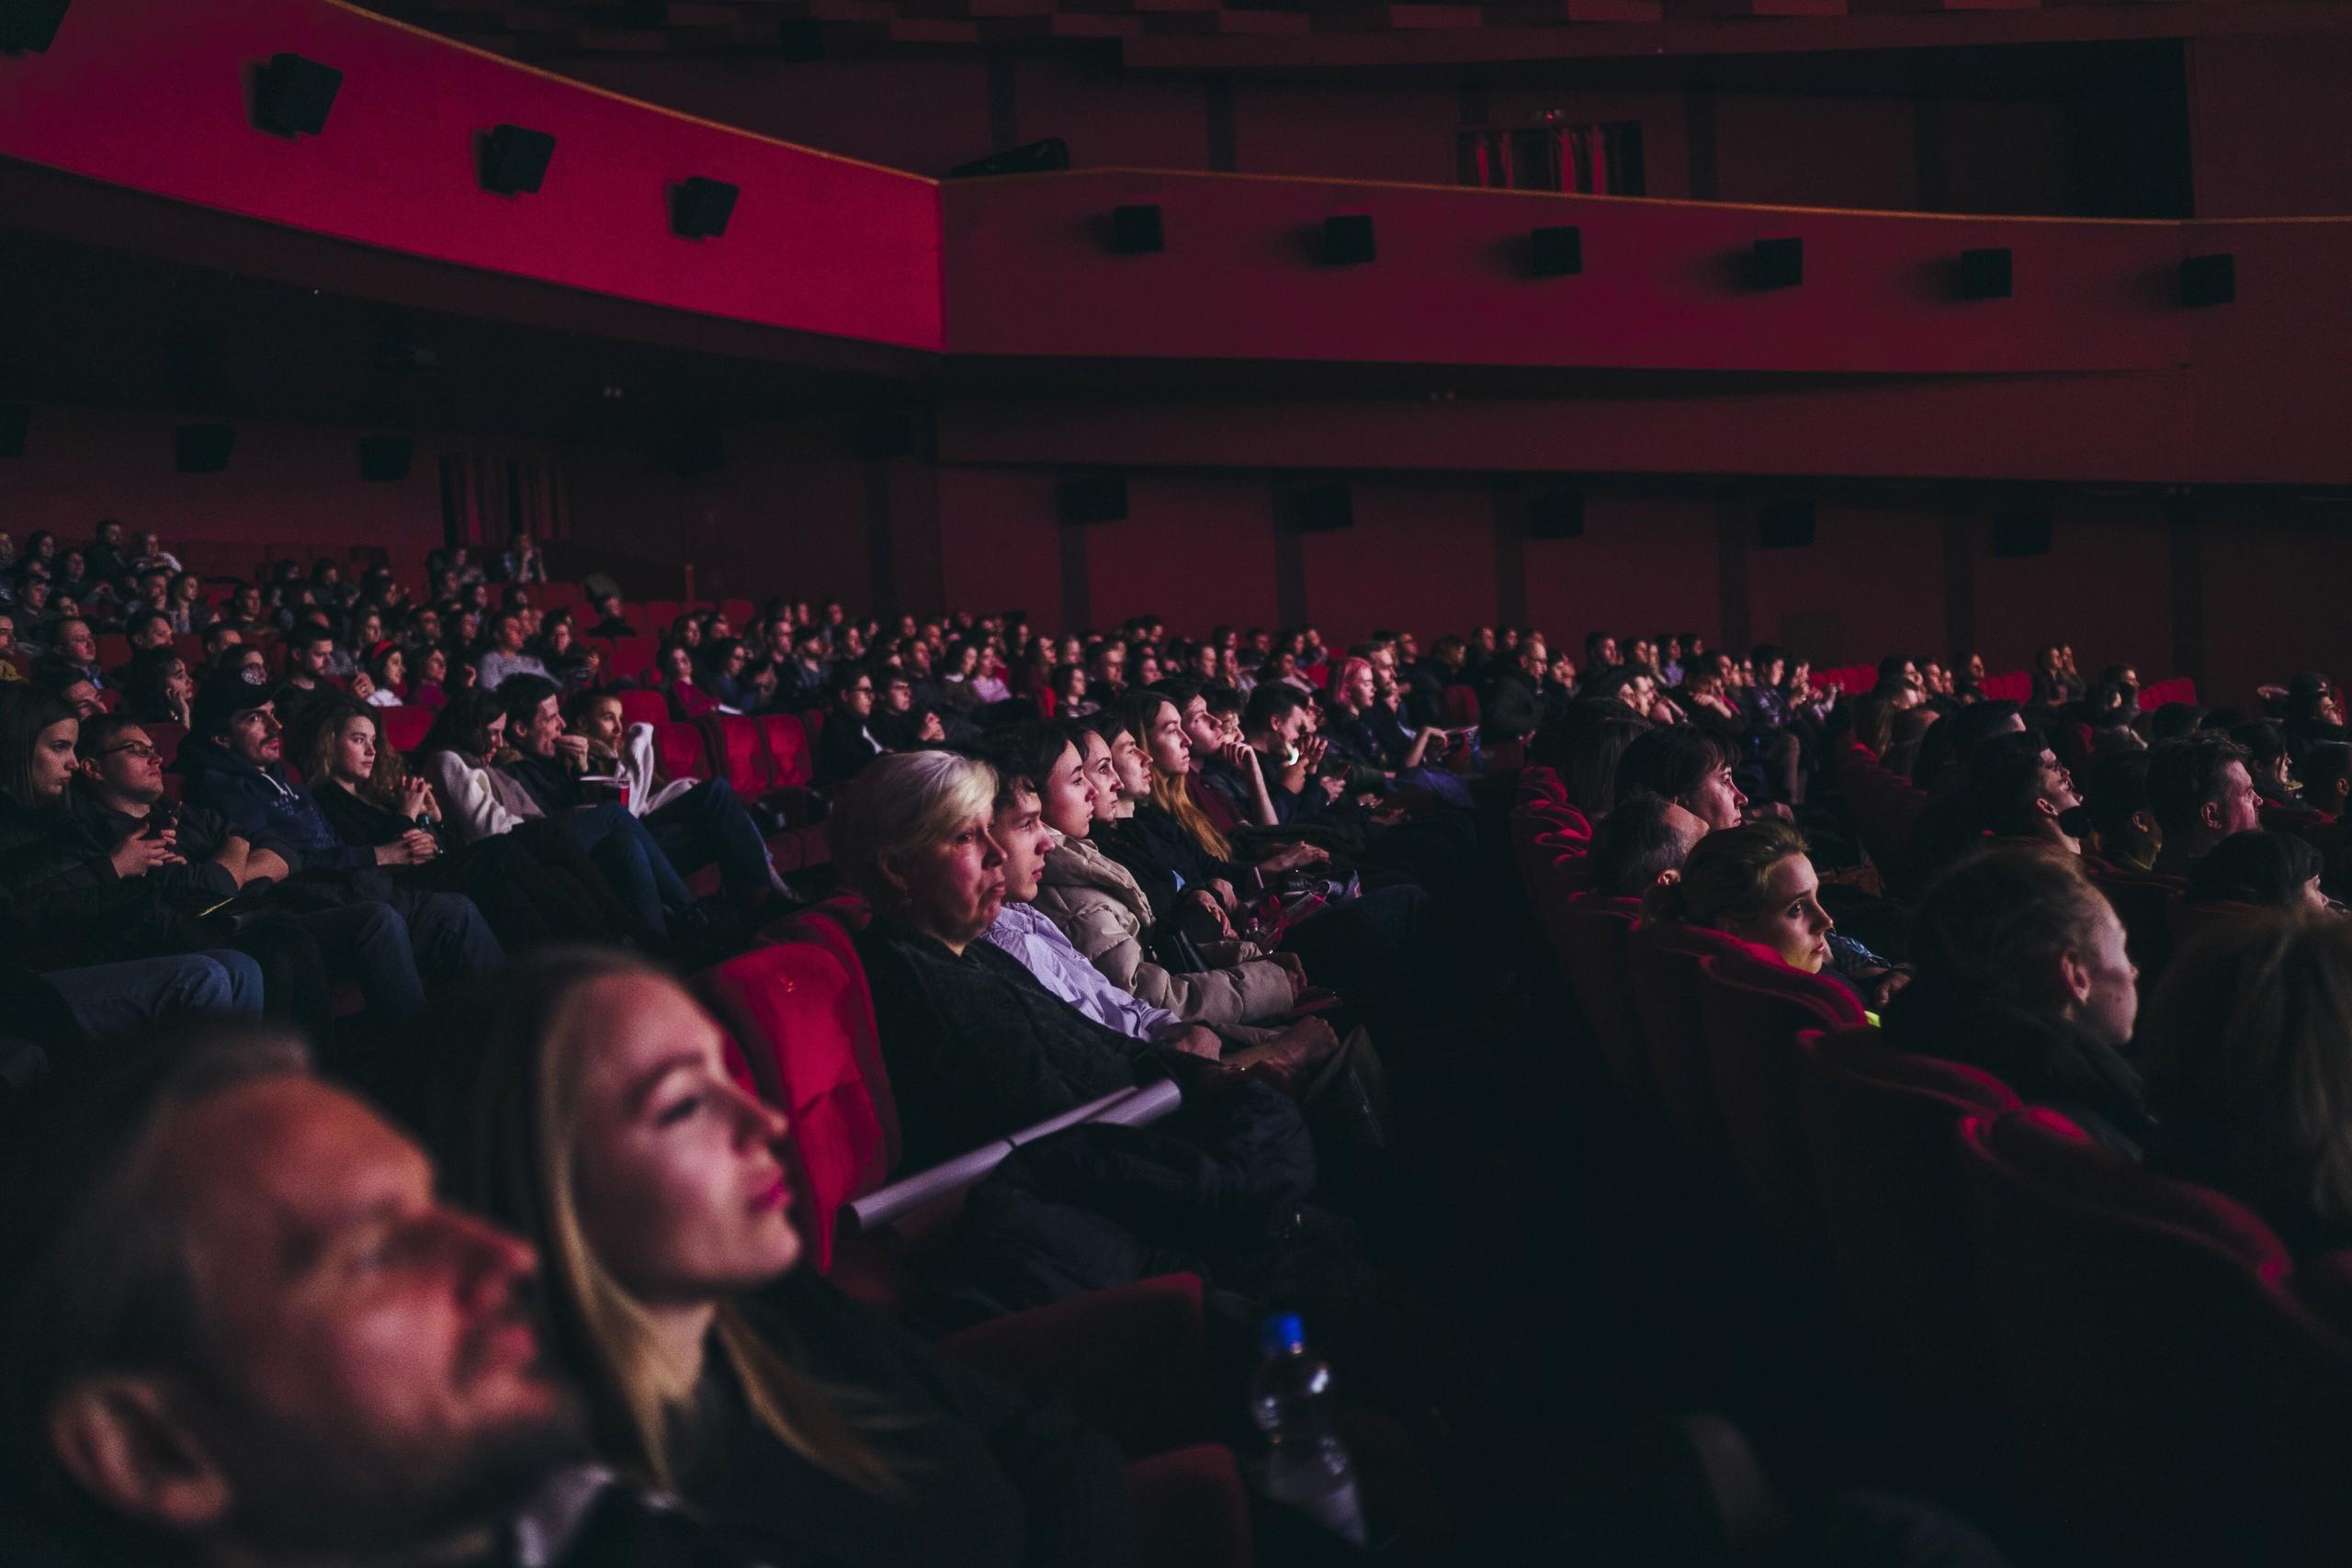 Специальный показ фильма «Форест Гамп» в Москве